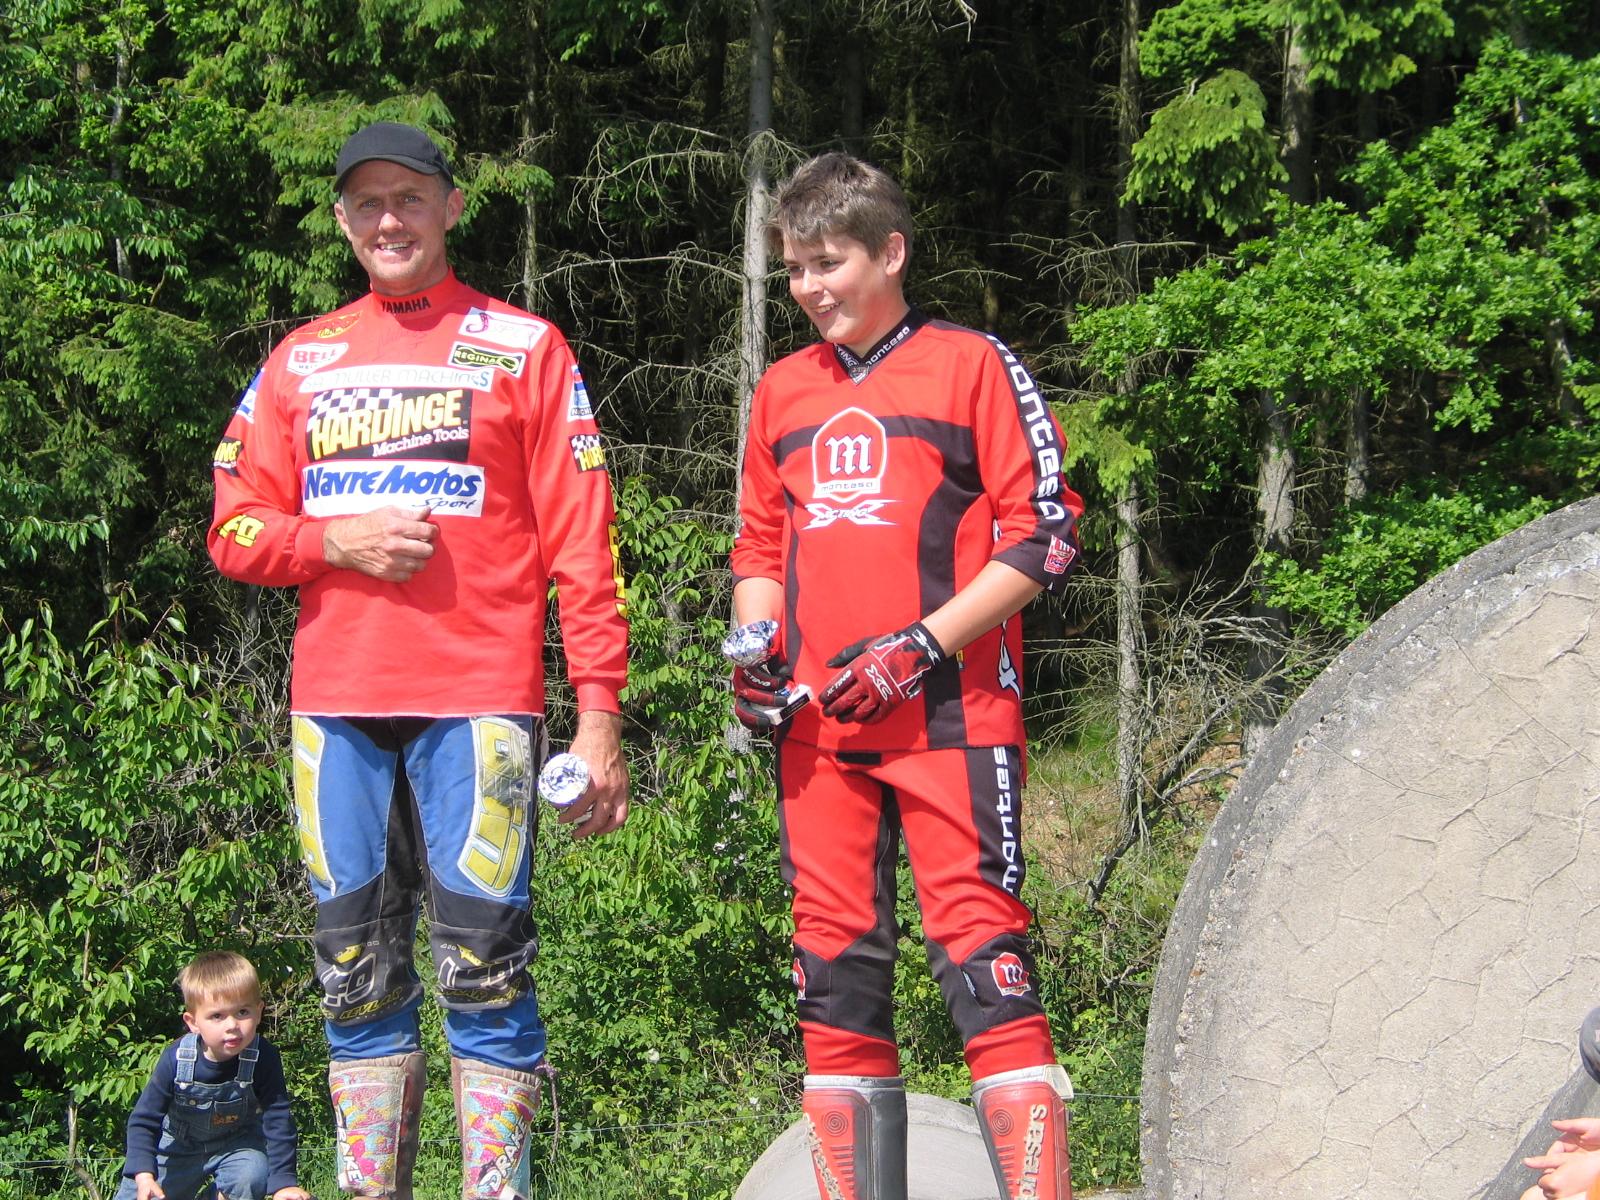 Mark Nielsen vandt C mens Torben Pedersen tv blev nr. 3